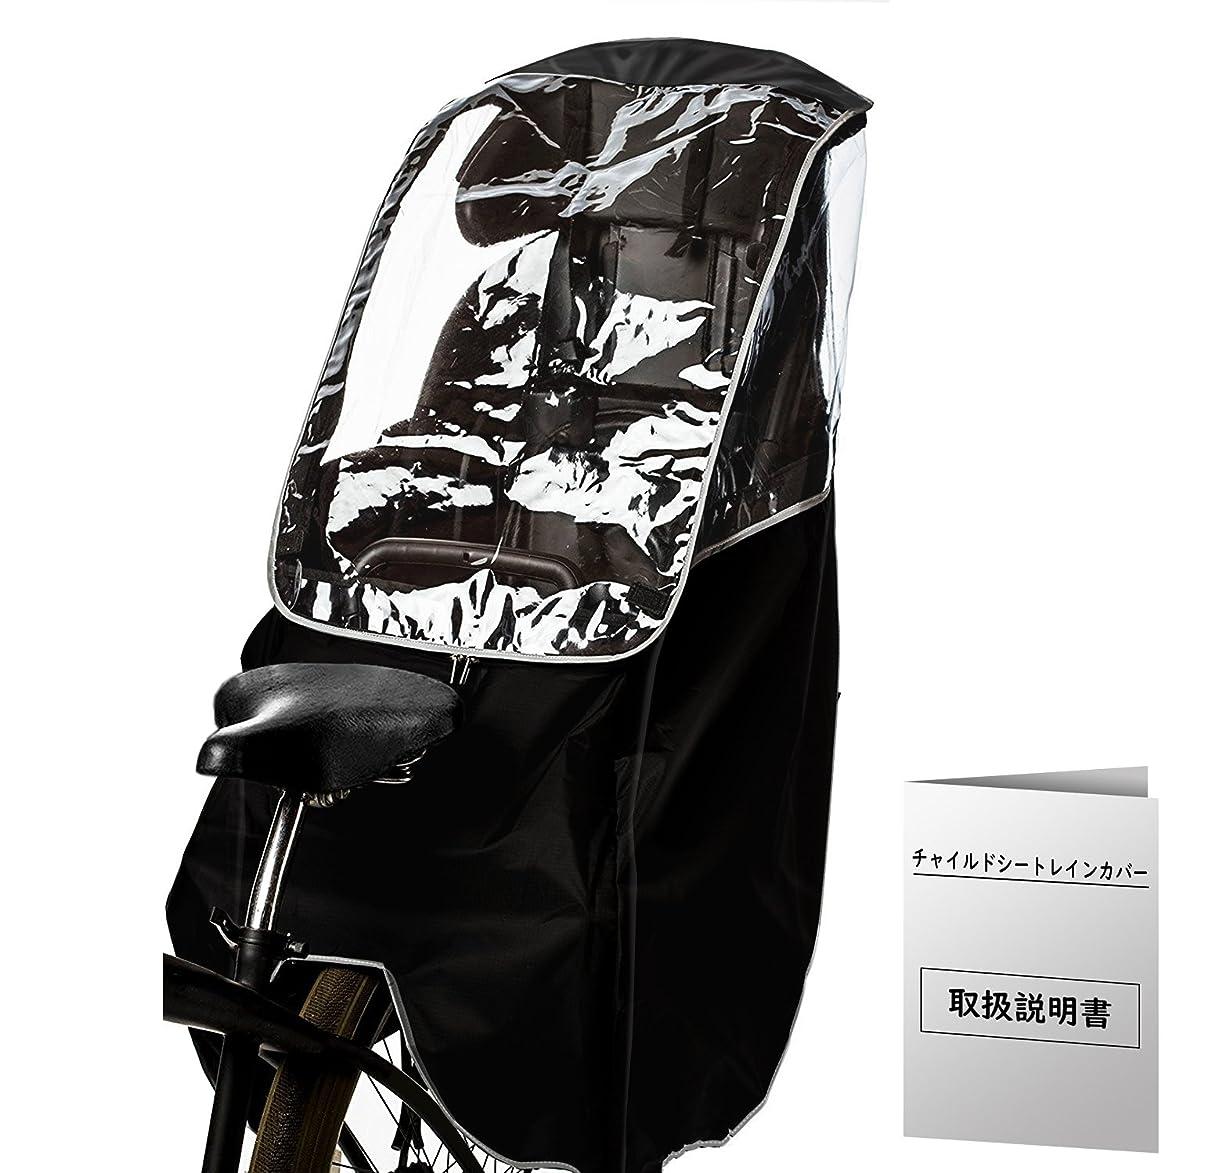 書く年薬を飲む自転車レインカバー 子供乗せ自転車 チャイルドシートレインカバー 後ろ 子供乗せ用 撥水加工 雨除け 寒さ対策 風防 収納バッグ付き Double Elite